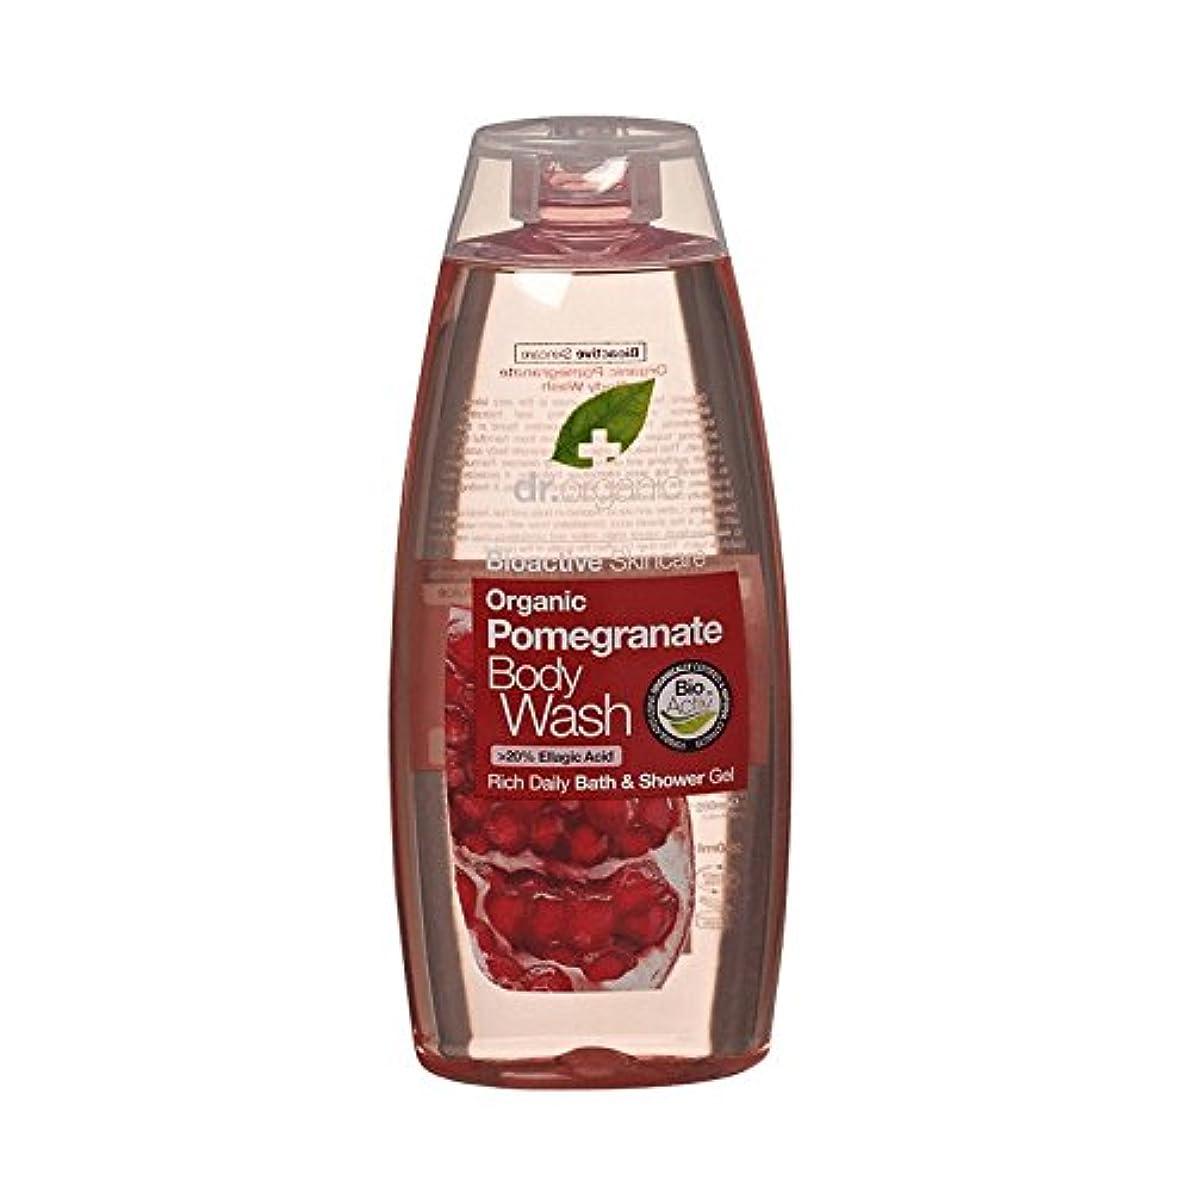 つかまえる初心者疾患Dr Organic Pomegranate Body Wash (Pack of 6) - Dr有機ザクロボディウォッシュ (x6) [並行輸入品]